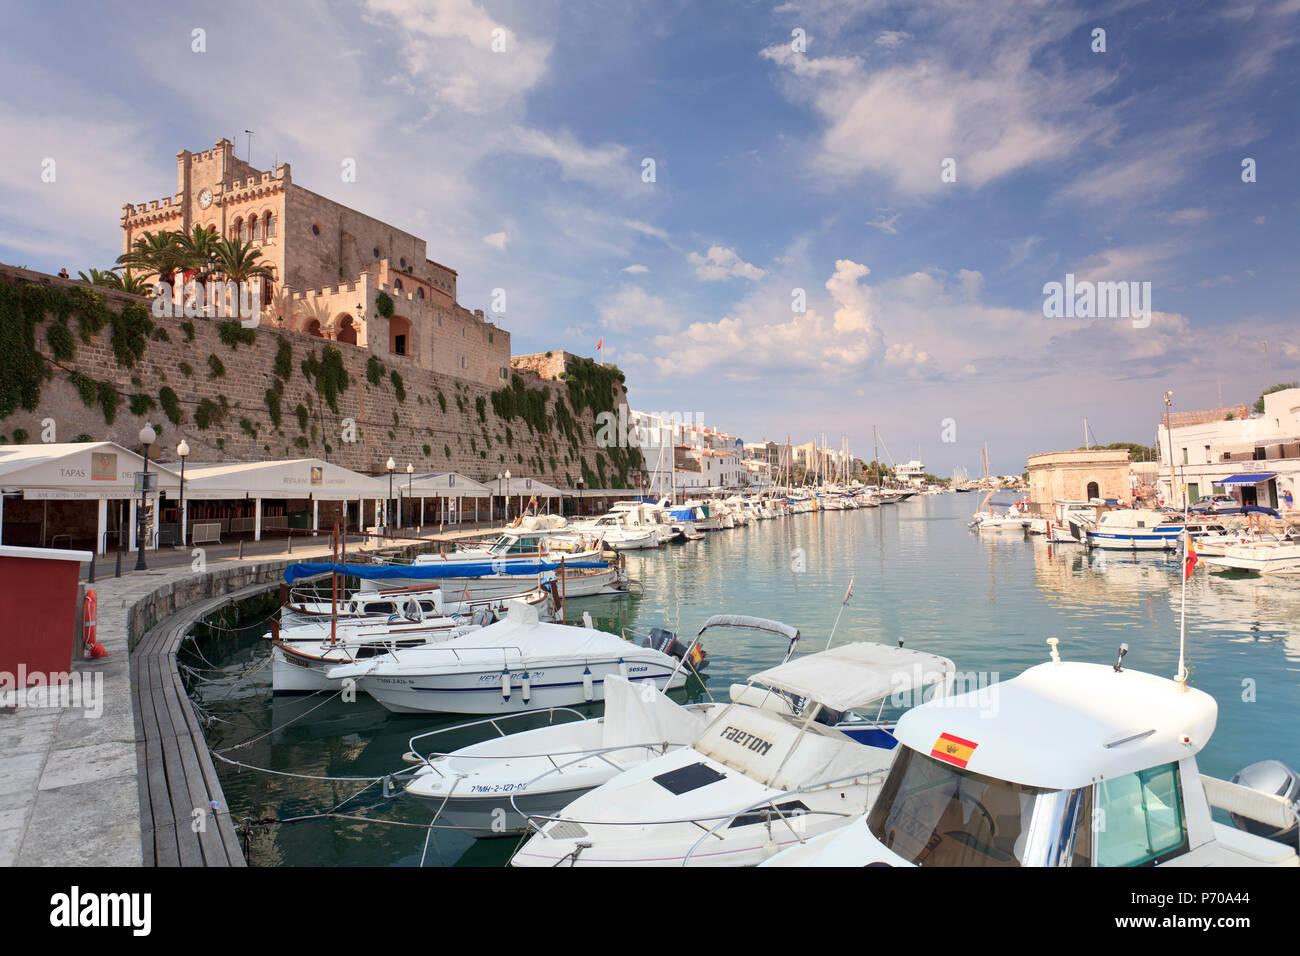 Spanien, Balearen, Menorca, Ciutadella, historischen alten Hafen und Altstadt Zentrum Stockbild